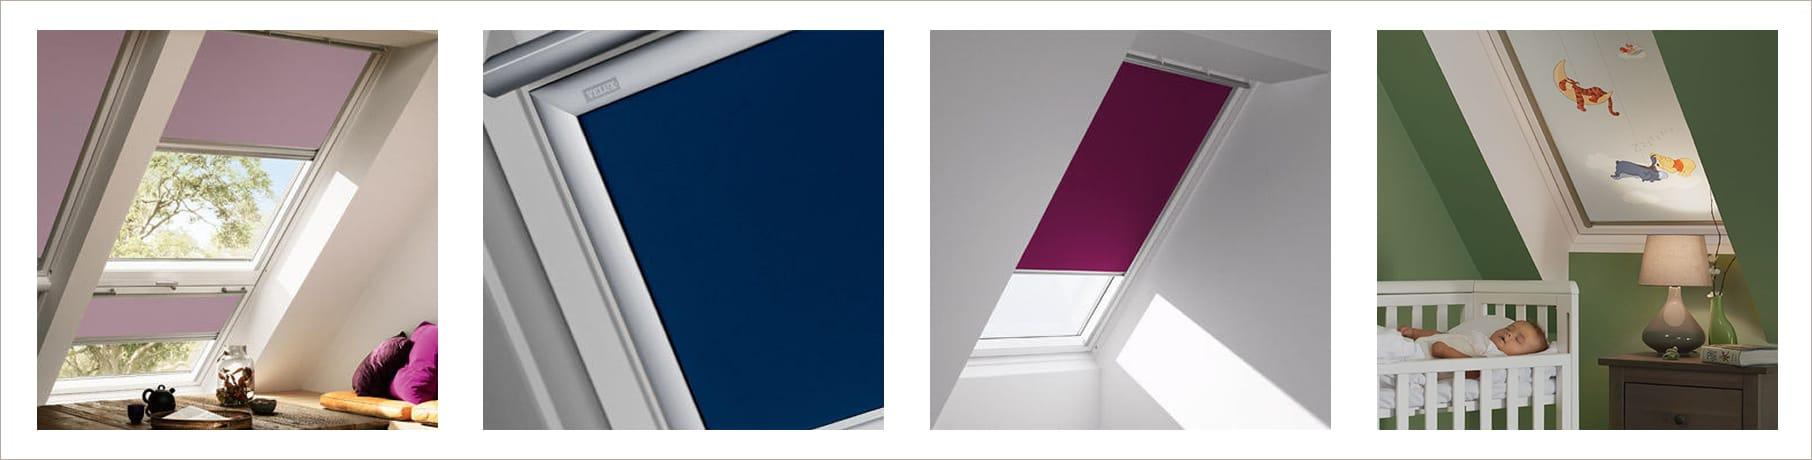 Sichtschutz velux dachfenster fabulous fr fakro with - Dachfenster scheibe austauschen ...